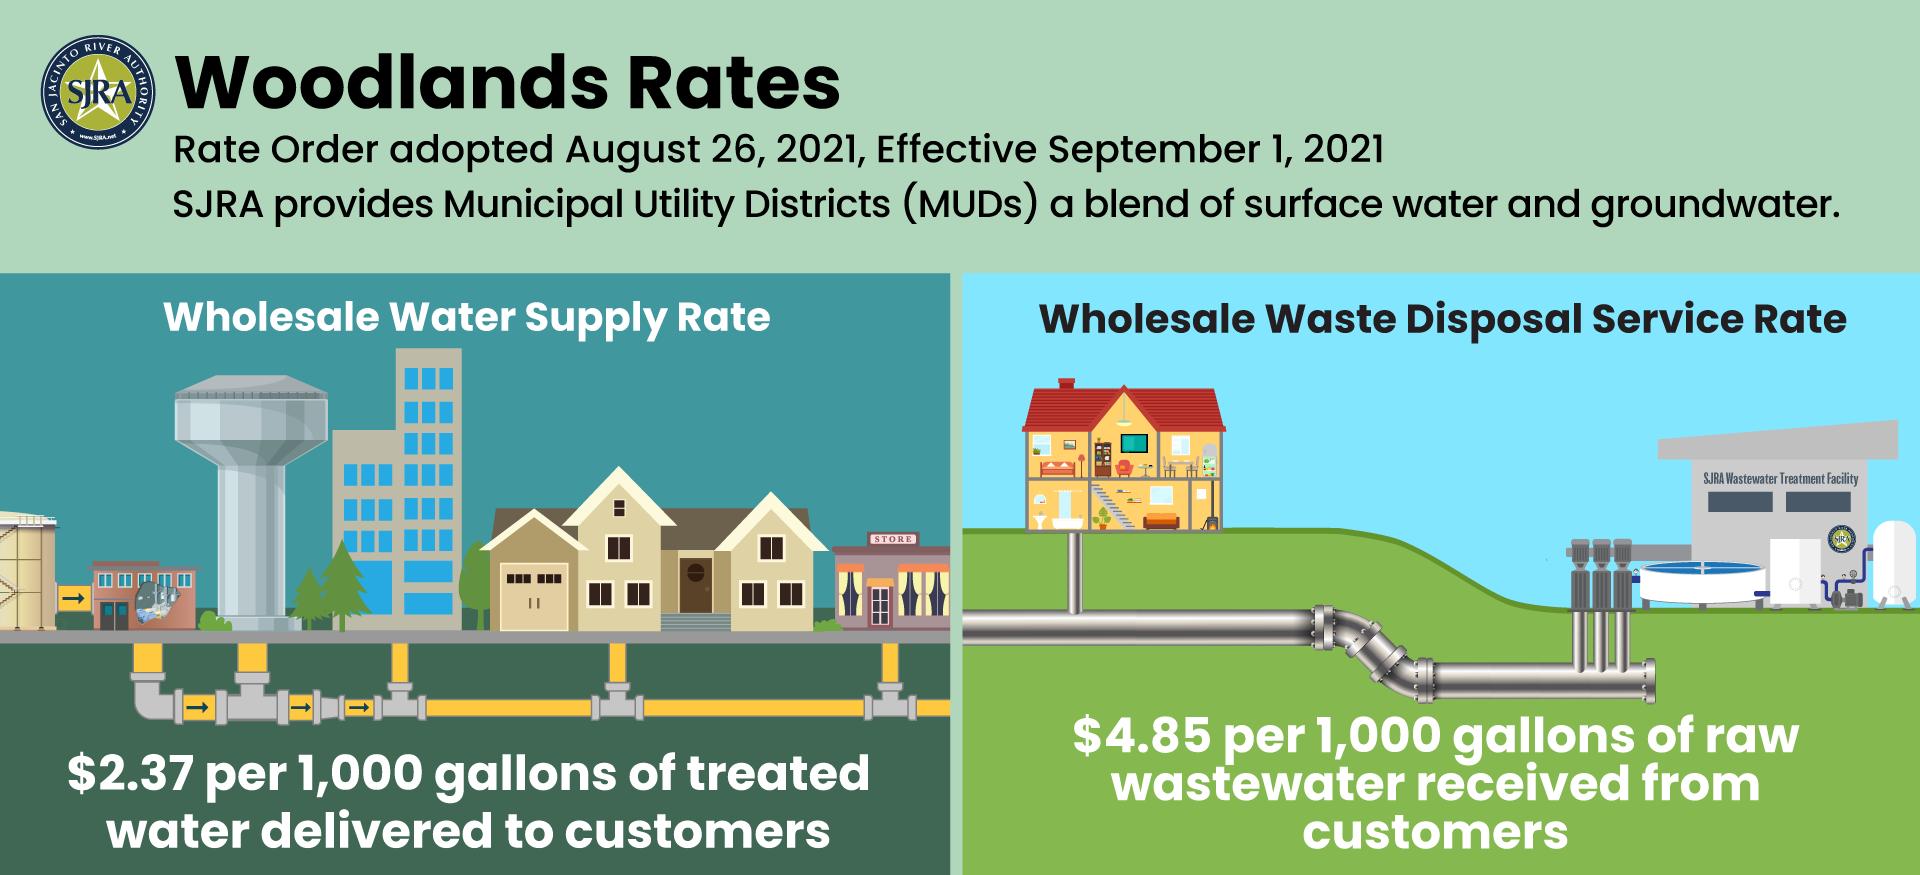 Woodlands Rates